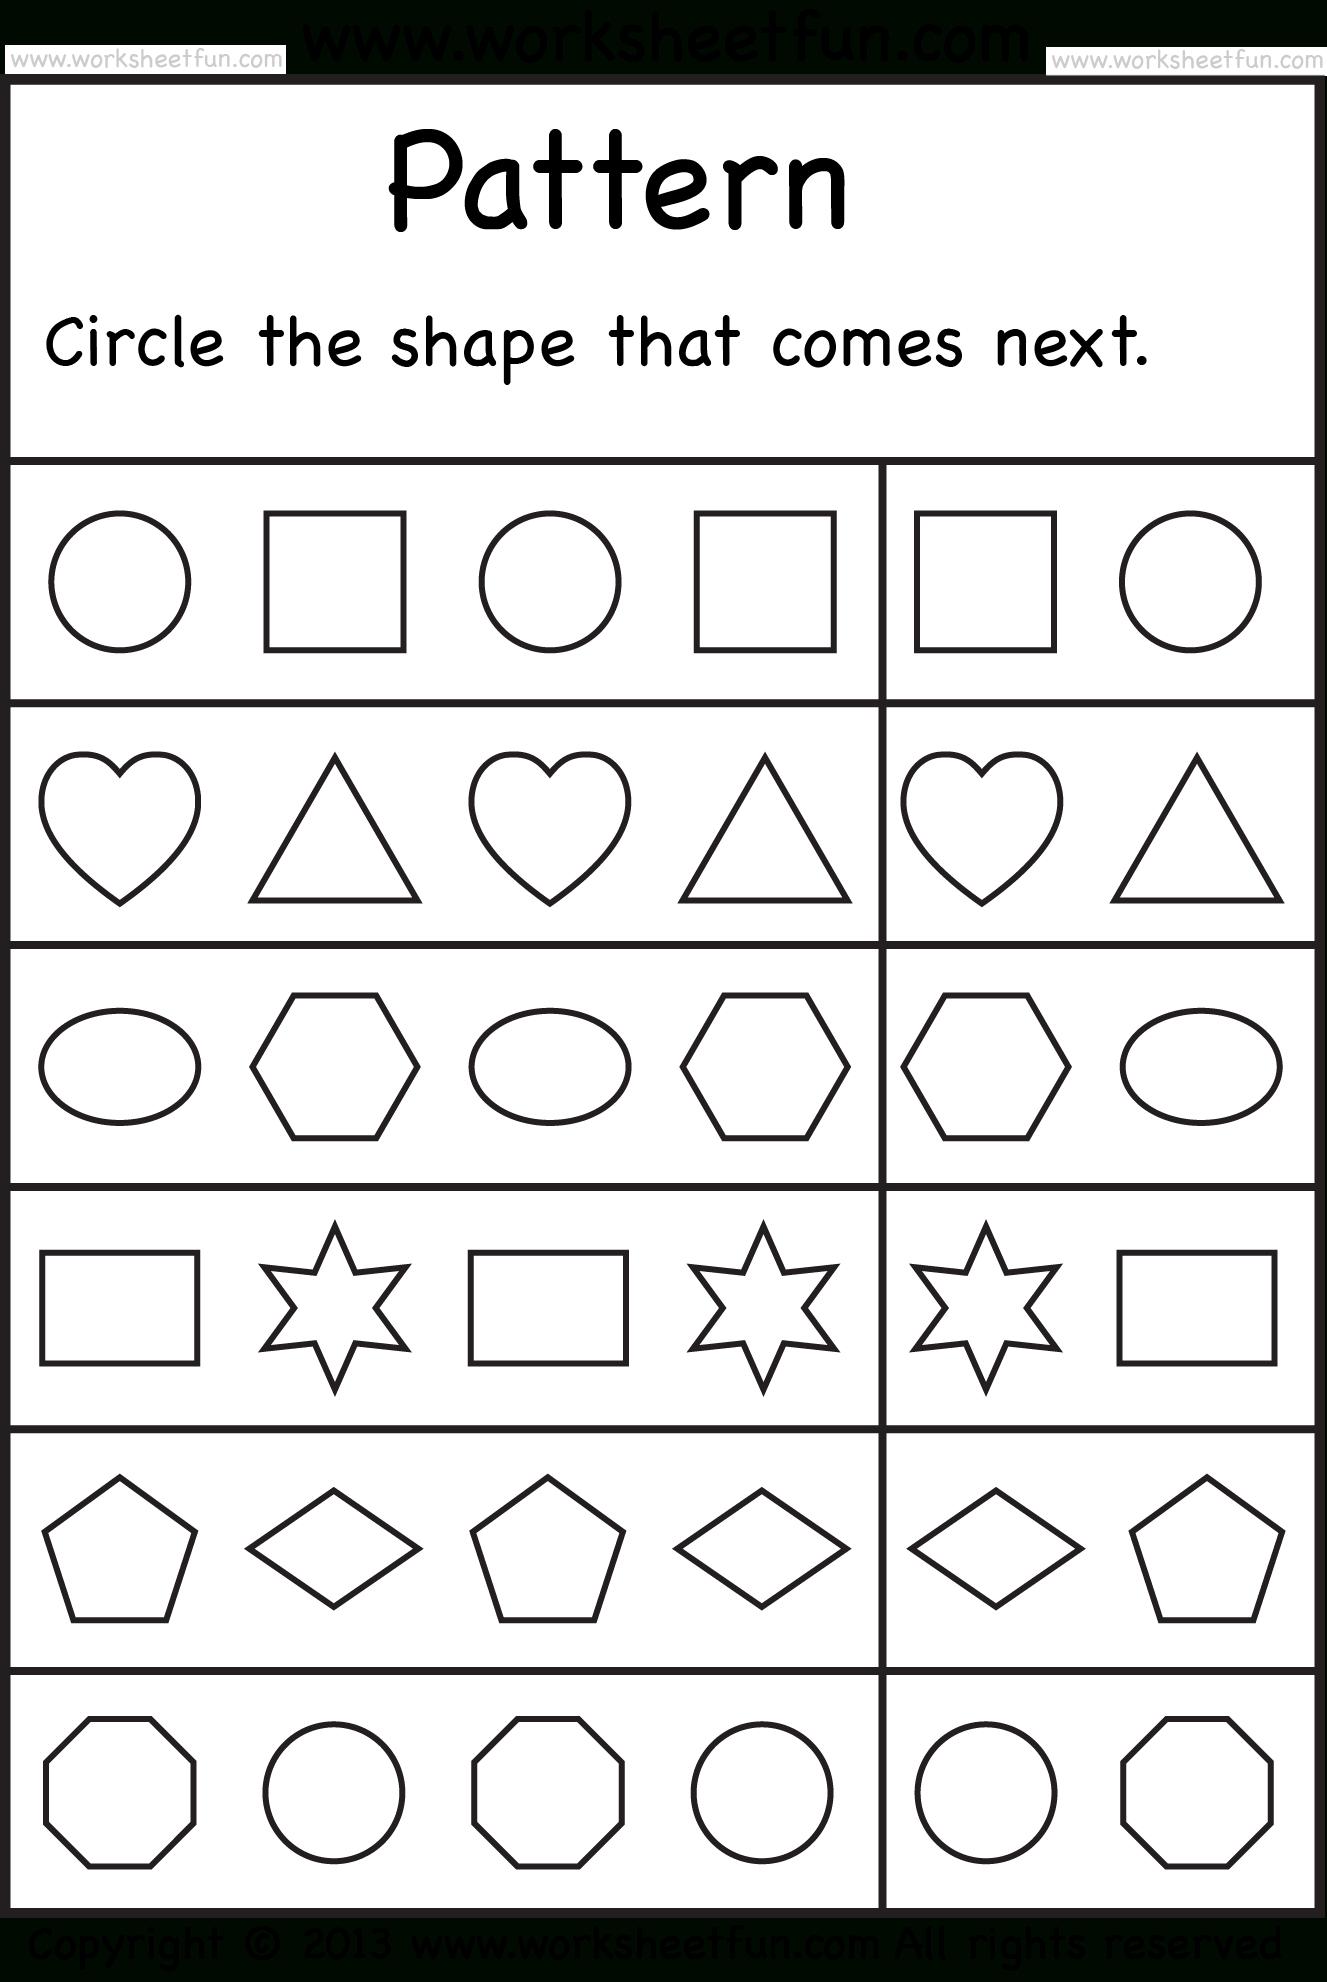 Free Printable Worksheets – Worksheetfun / Free Printable Shape - Free Printable Preschool Worksheets